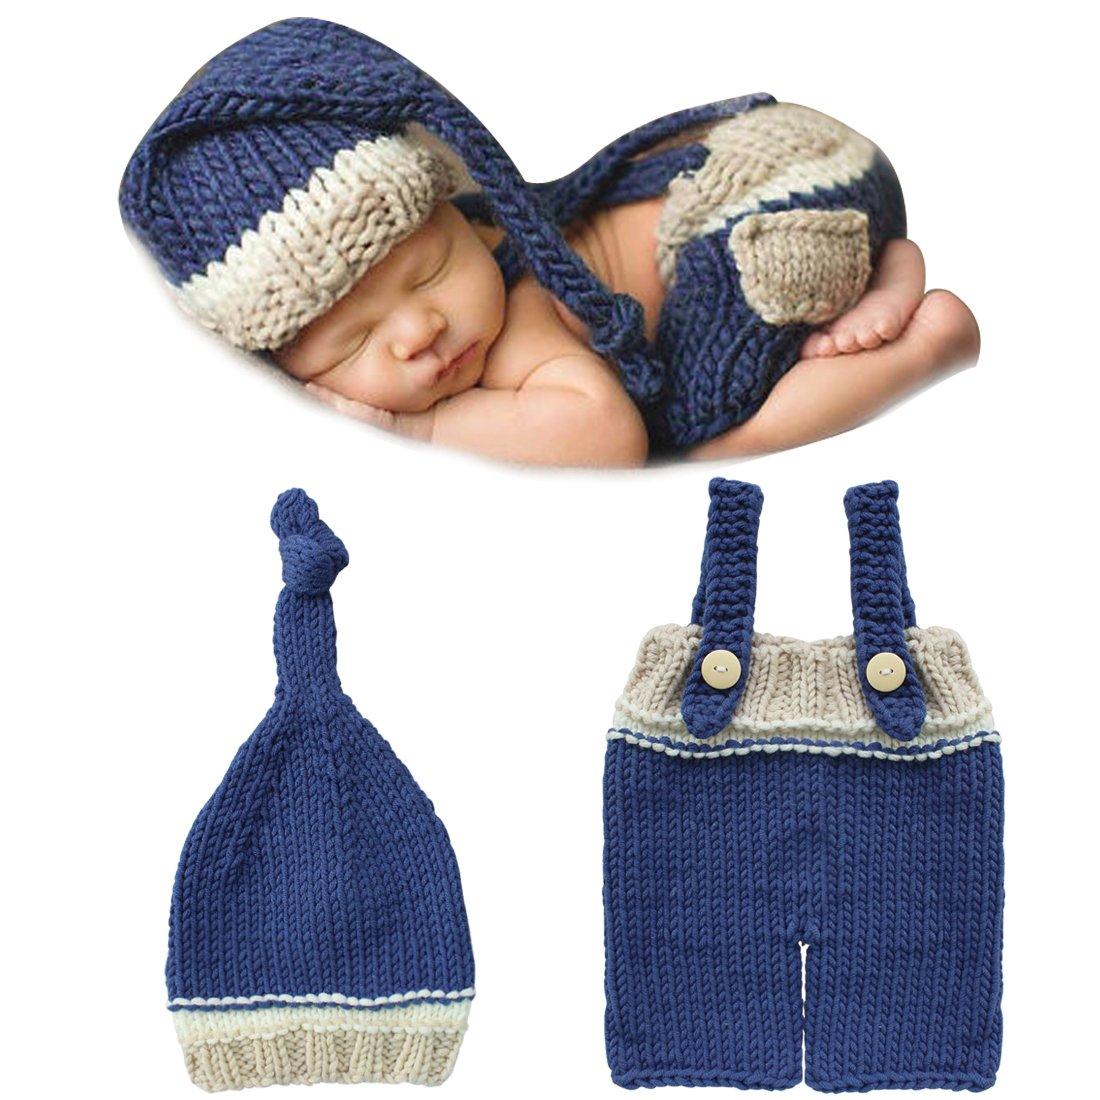 Tiaobug Costume de Photographie pour Bébé Garçon 0-12 mois Vêtement Tenue Crochet Tricot (Pantalons + Bonnet) (0-12 mois, #2)